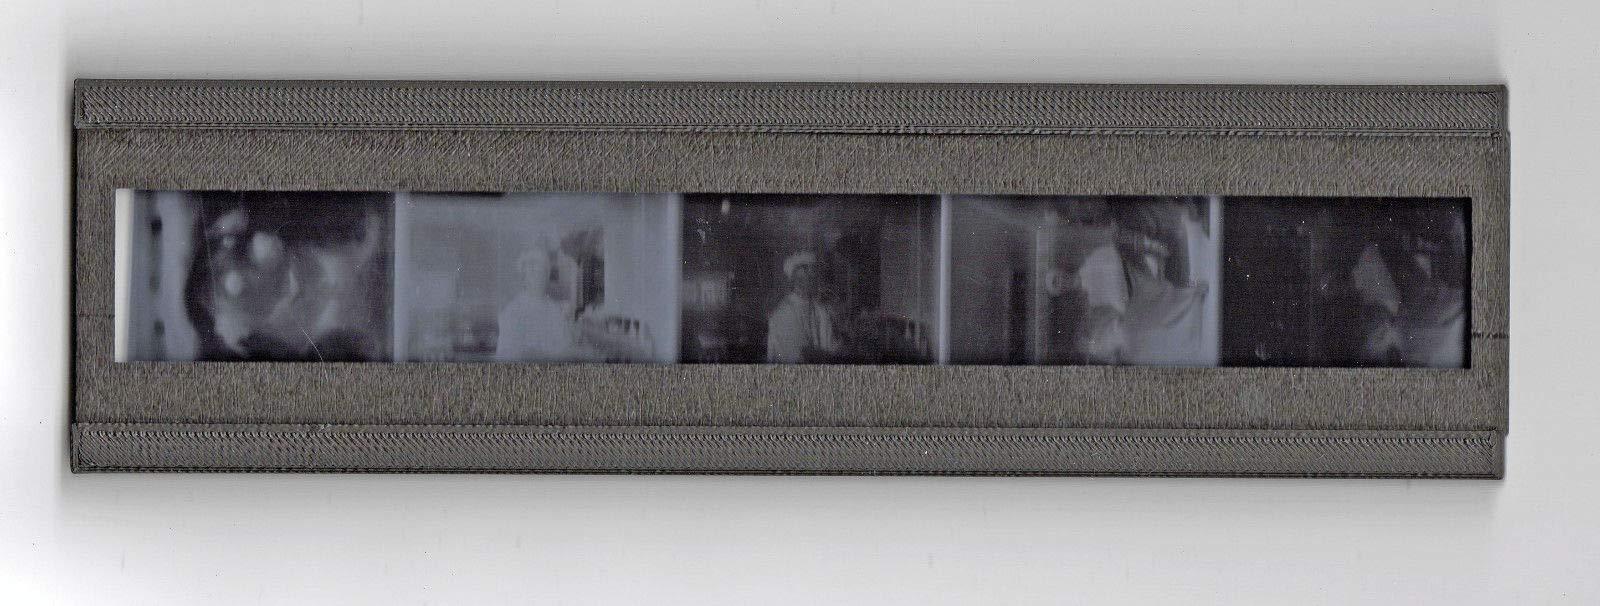 35 mm Negative Holder Compatible with V550/V600 Film scanners